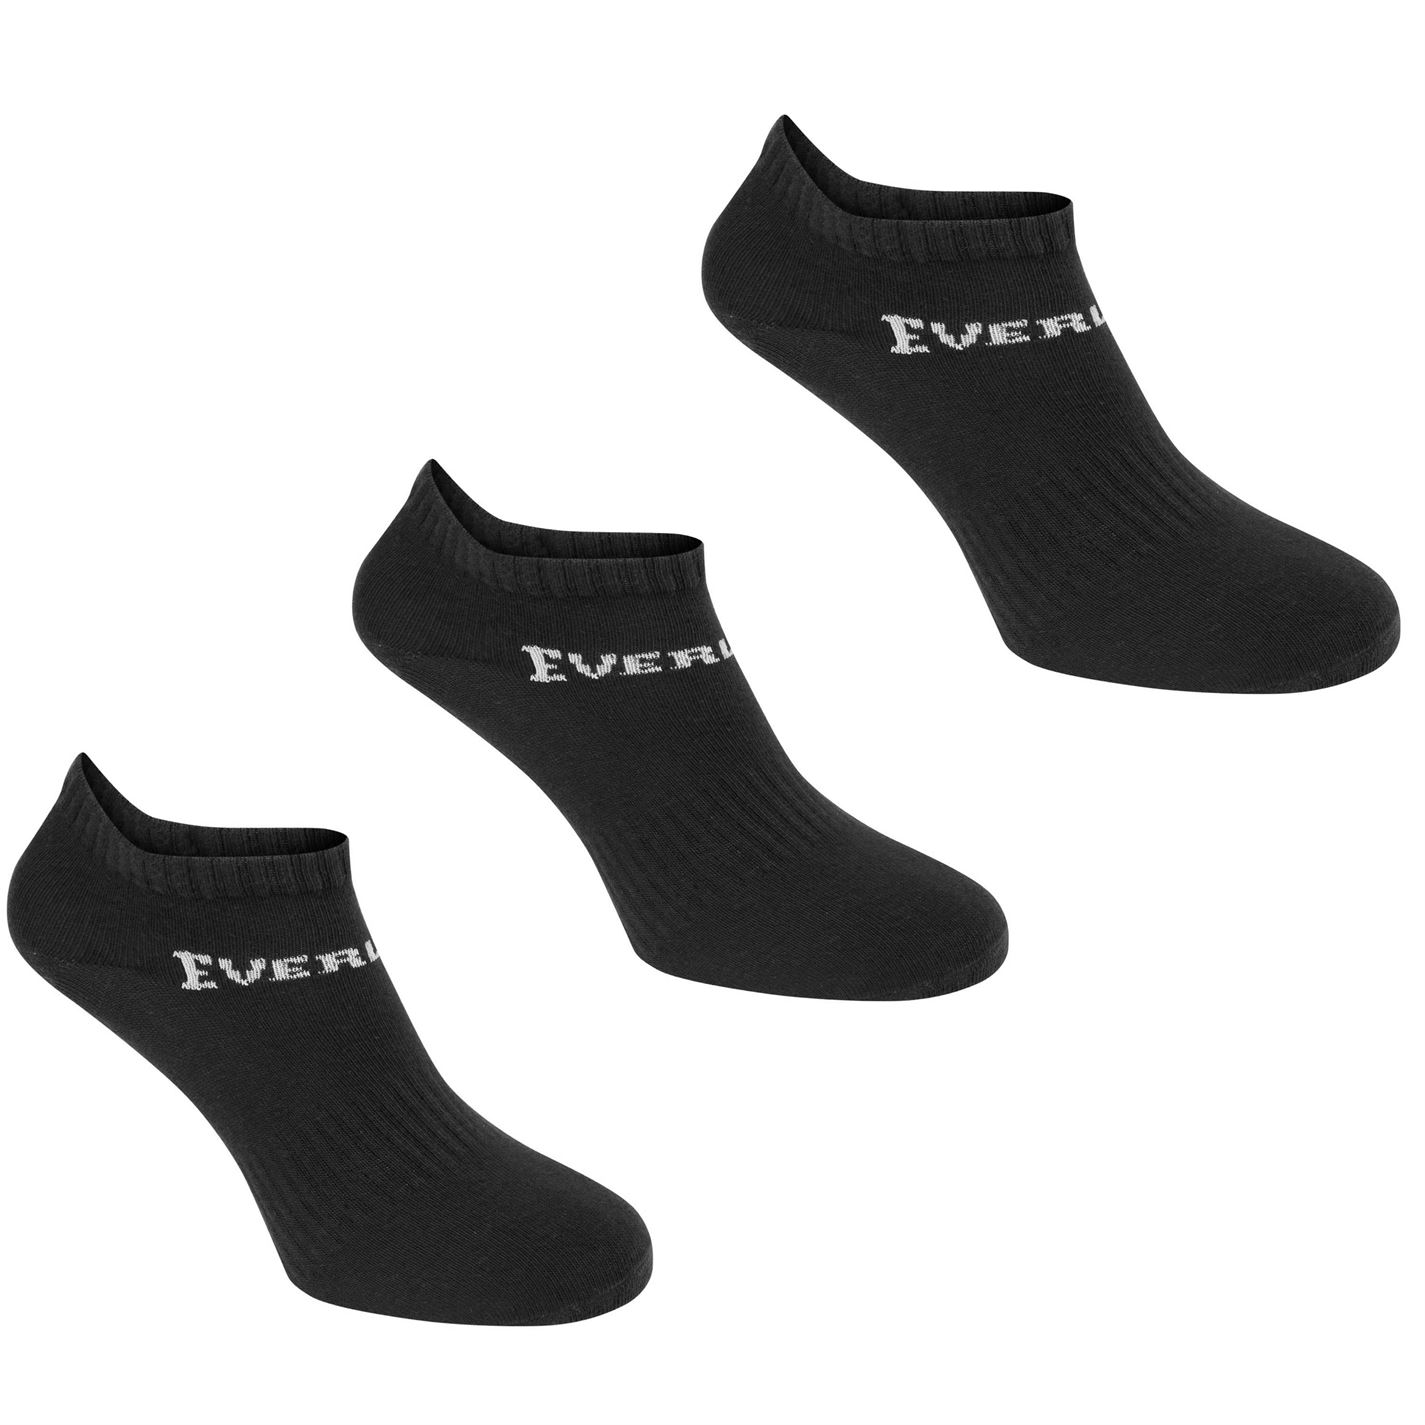 Everlast 3 Pack Trainer Socks Childrens Black